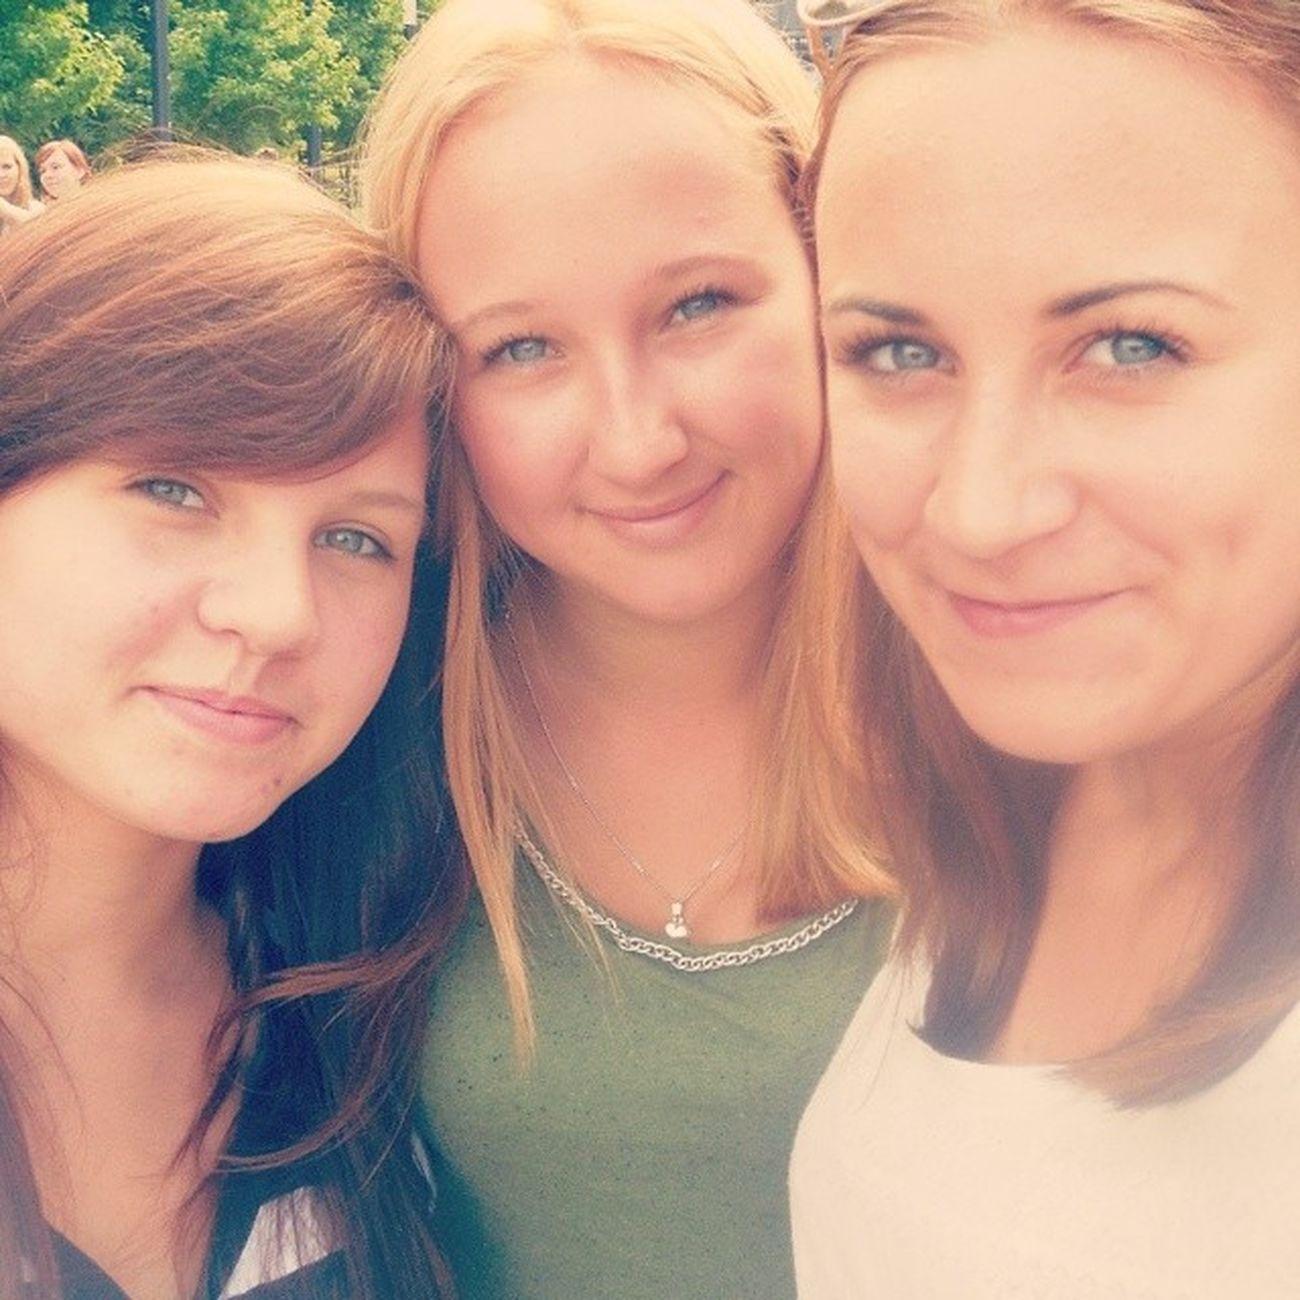 Piekne Dziewczynki Tesknimy Wspominamy trzeba się spotkać :)